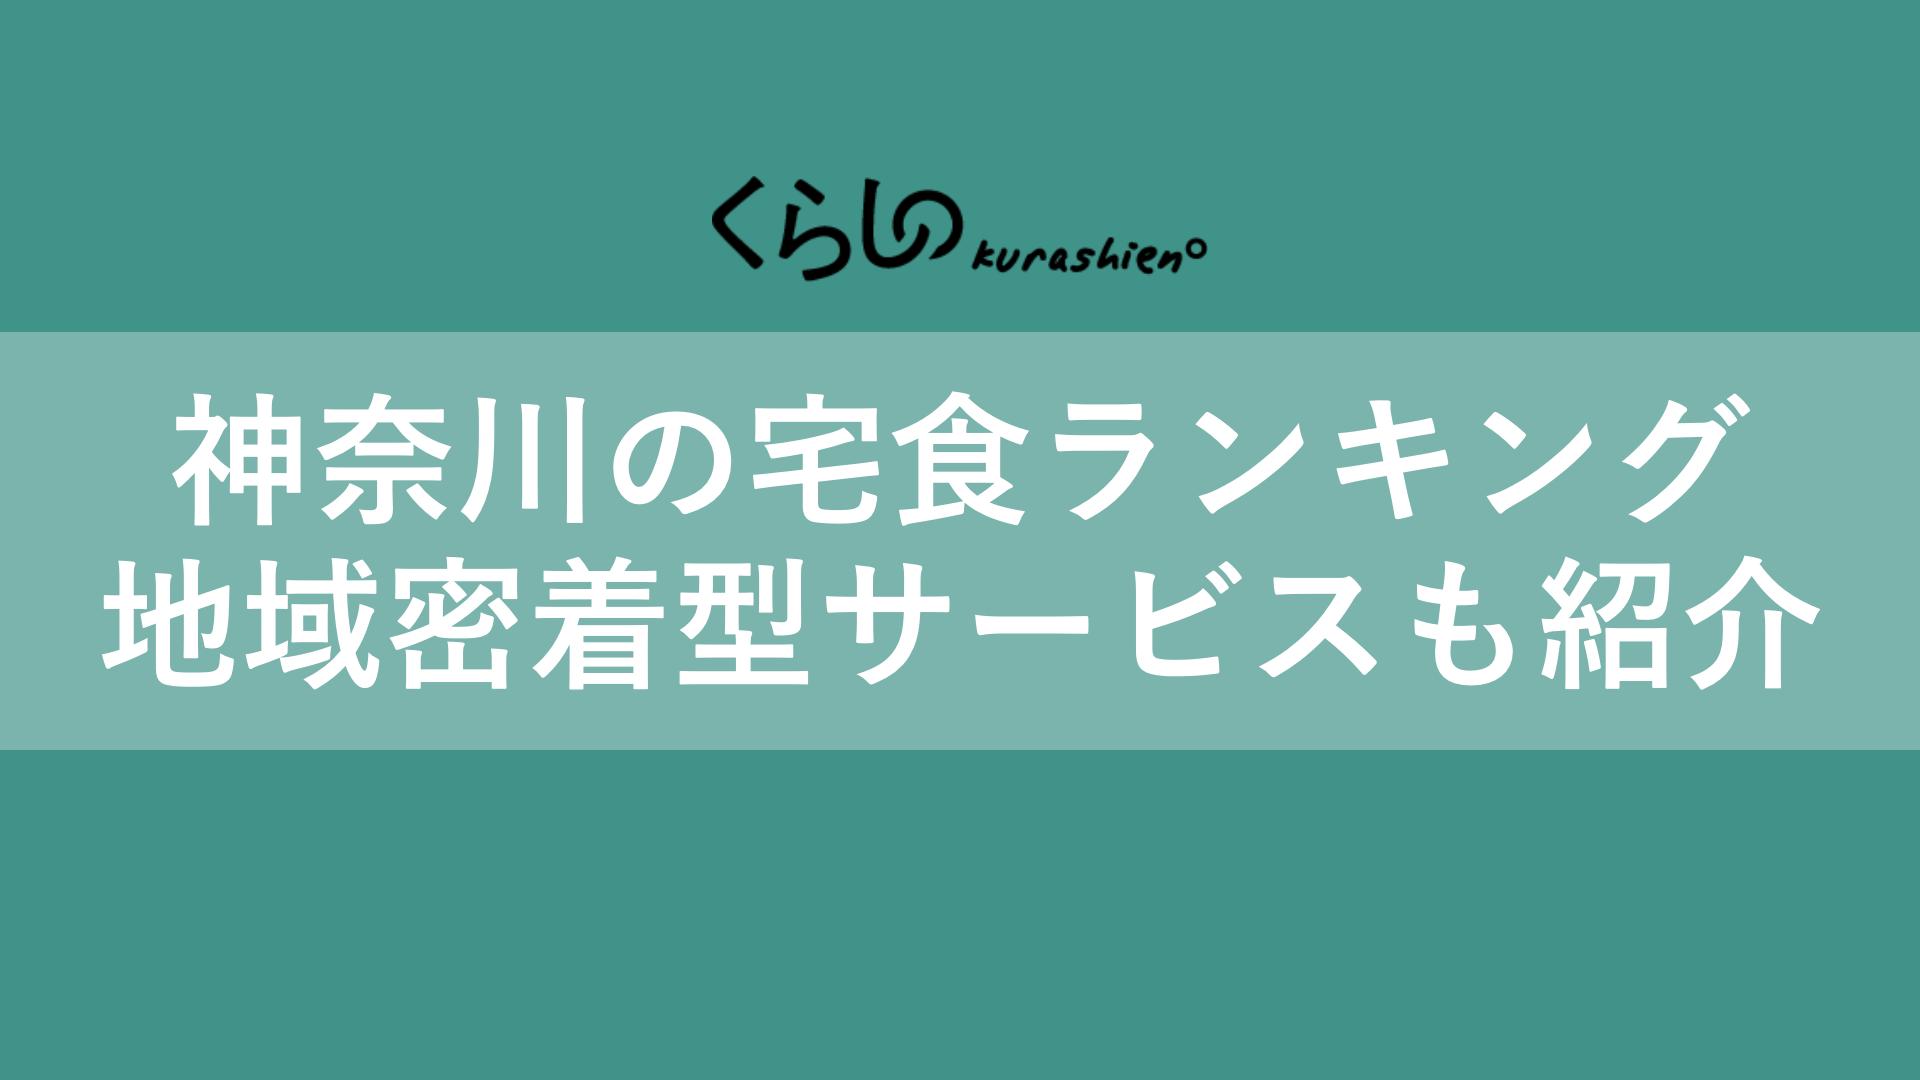 神奈川県の宅食サービス・宅配弁当おすすめランキング!地域密着型サービスも紹介